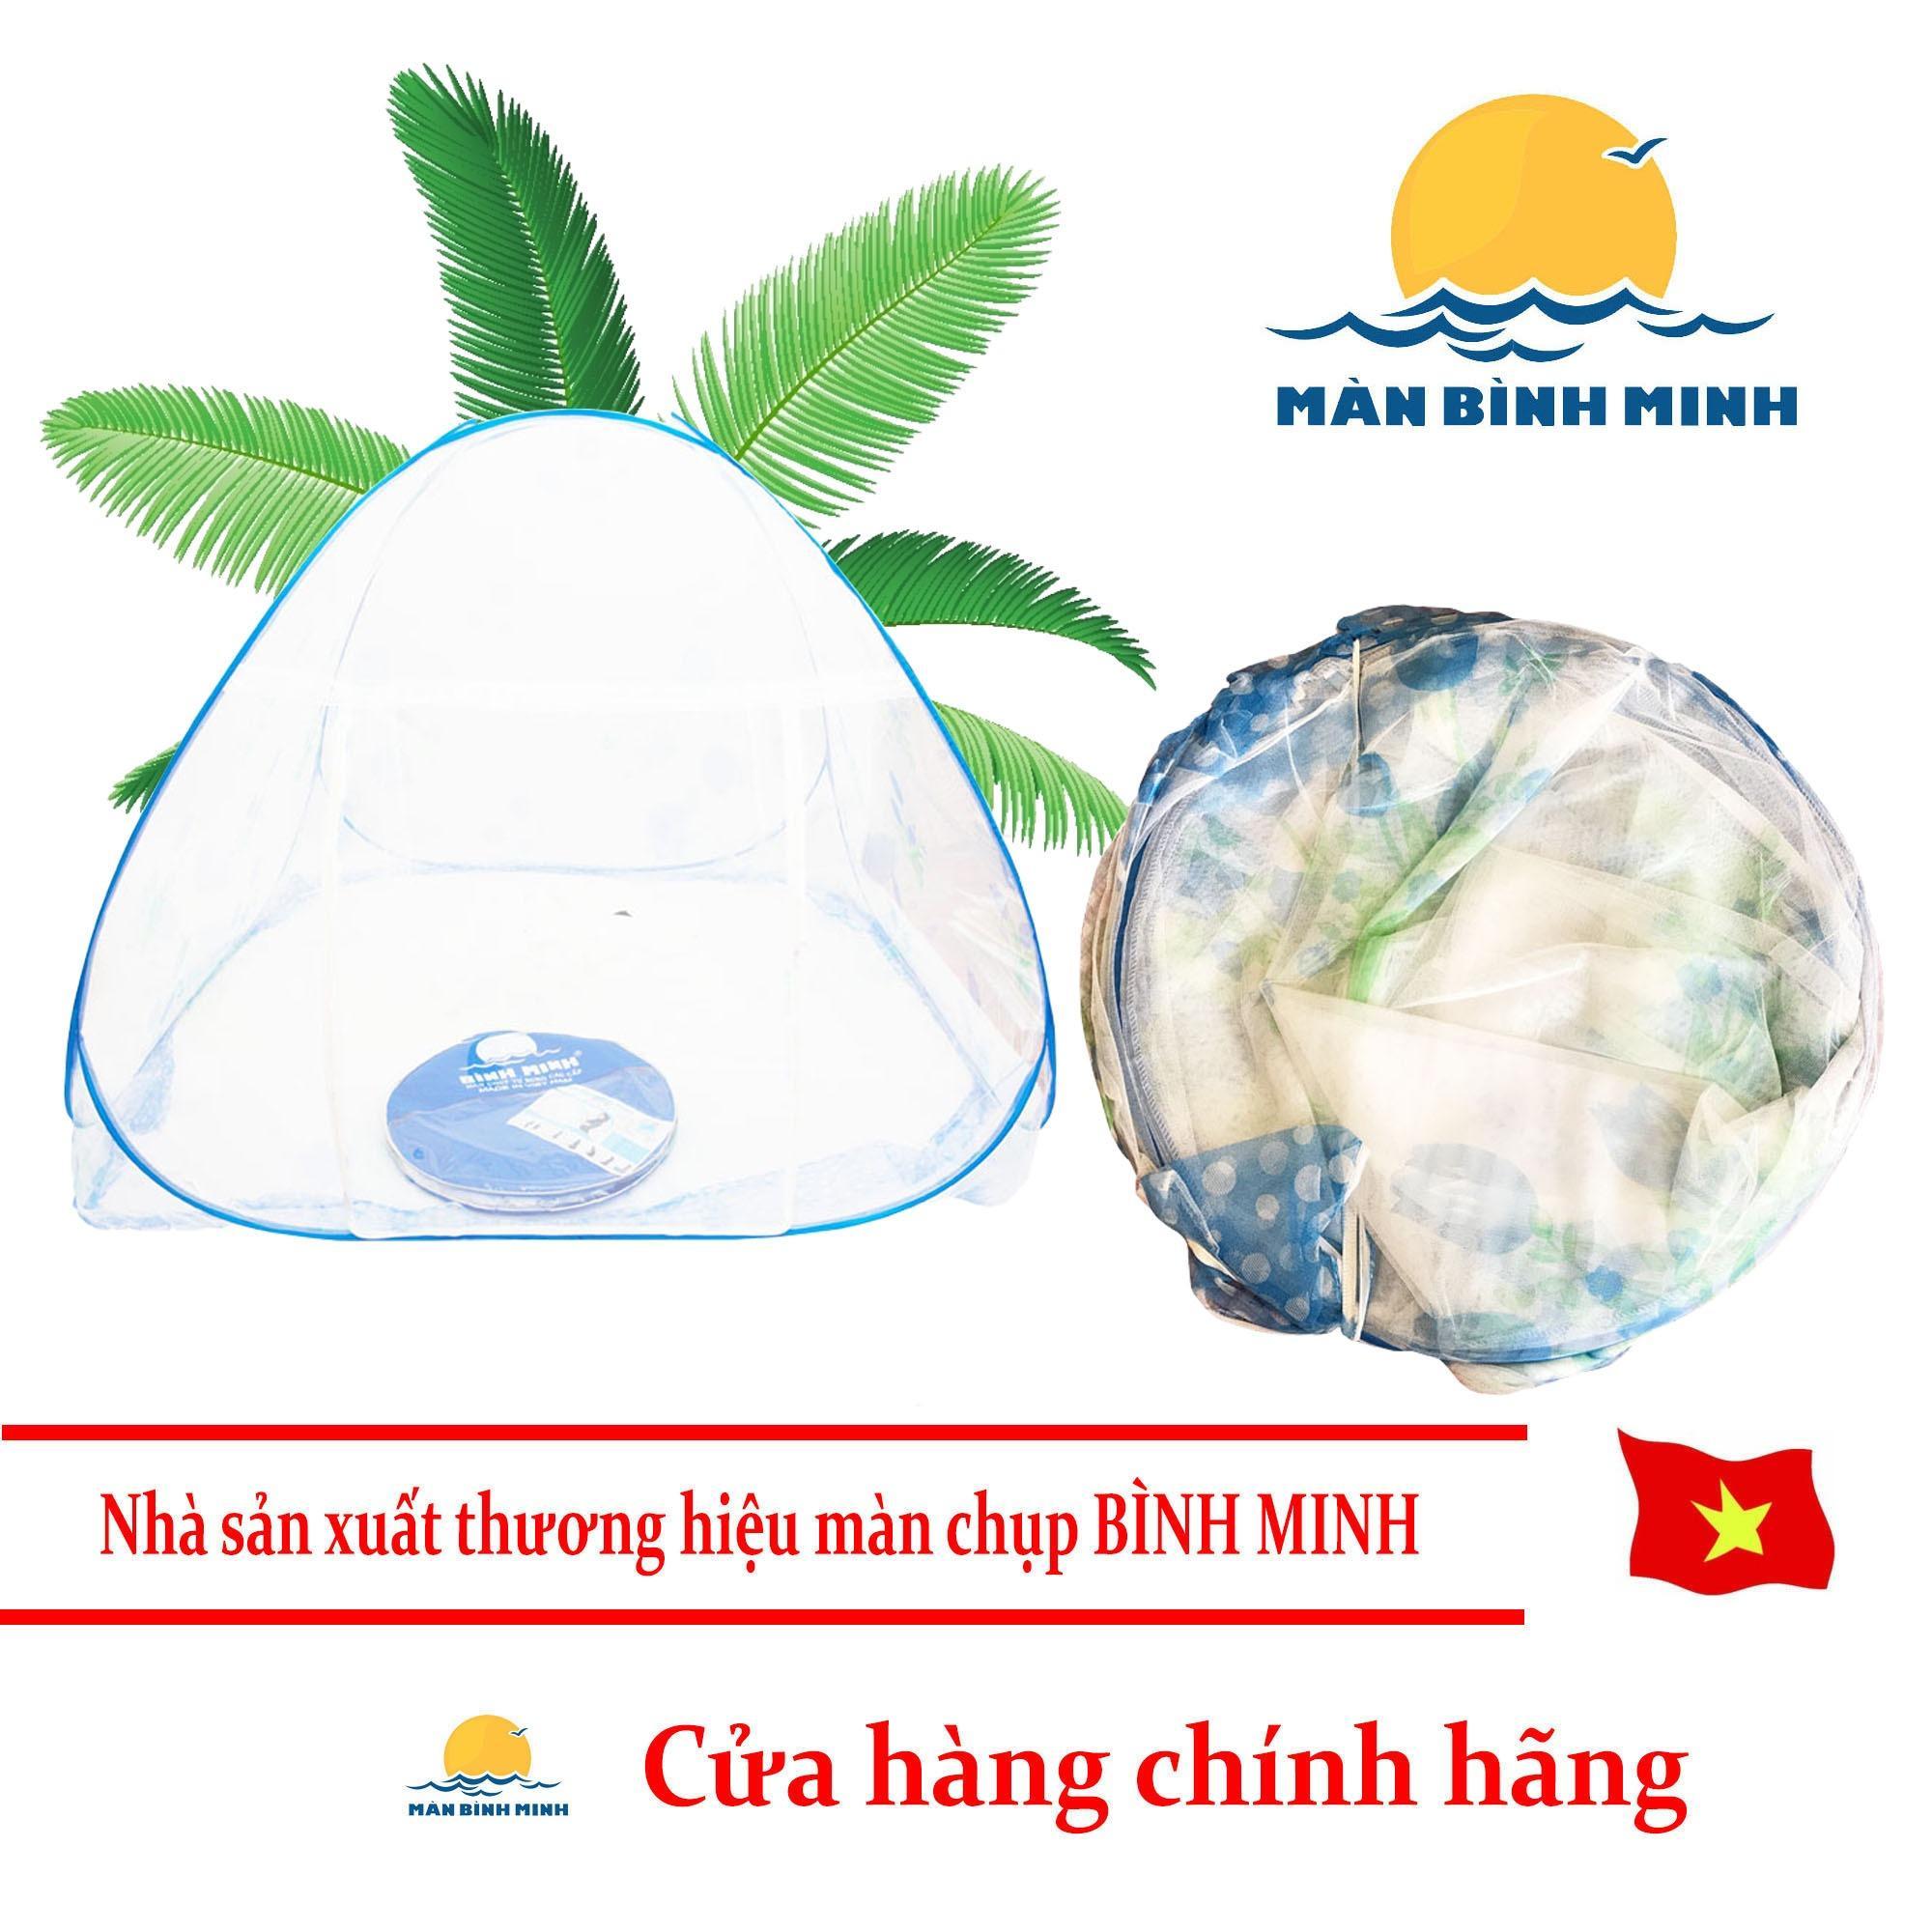 Bán Man Chụp Tự Bung Chống Muỗi 2 Cửa 1M8 X 2M Binh Minh Hang Việt Nam Màn Chụp Bình Minh Trong Việt Nam